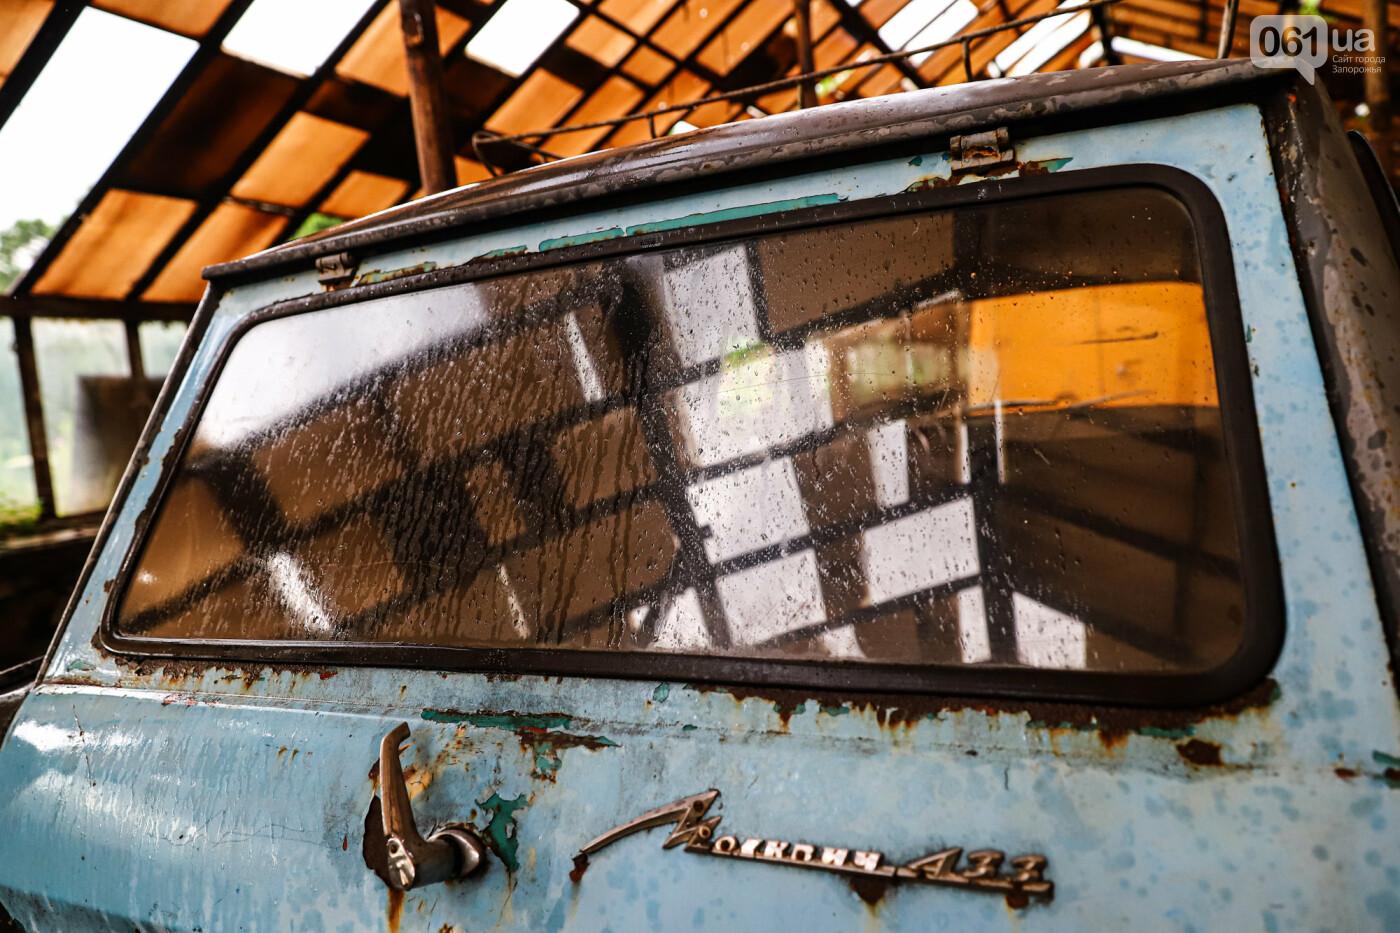 В Запорожье на месте зеленхоза одного из заводов появится Музей специального транспорта, - ФОТОРЕПОРТАЖ, фото-41